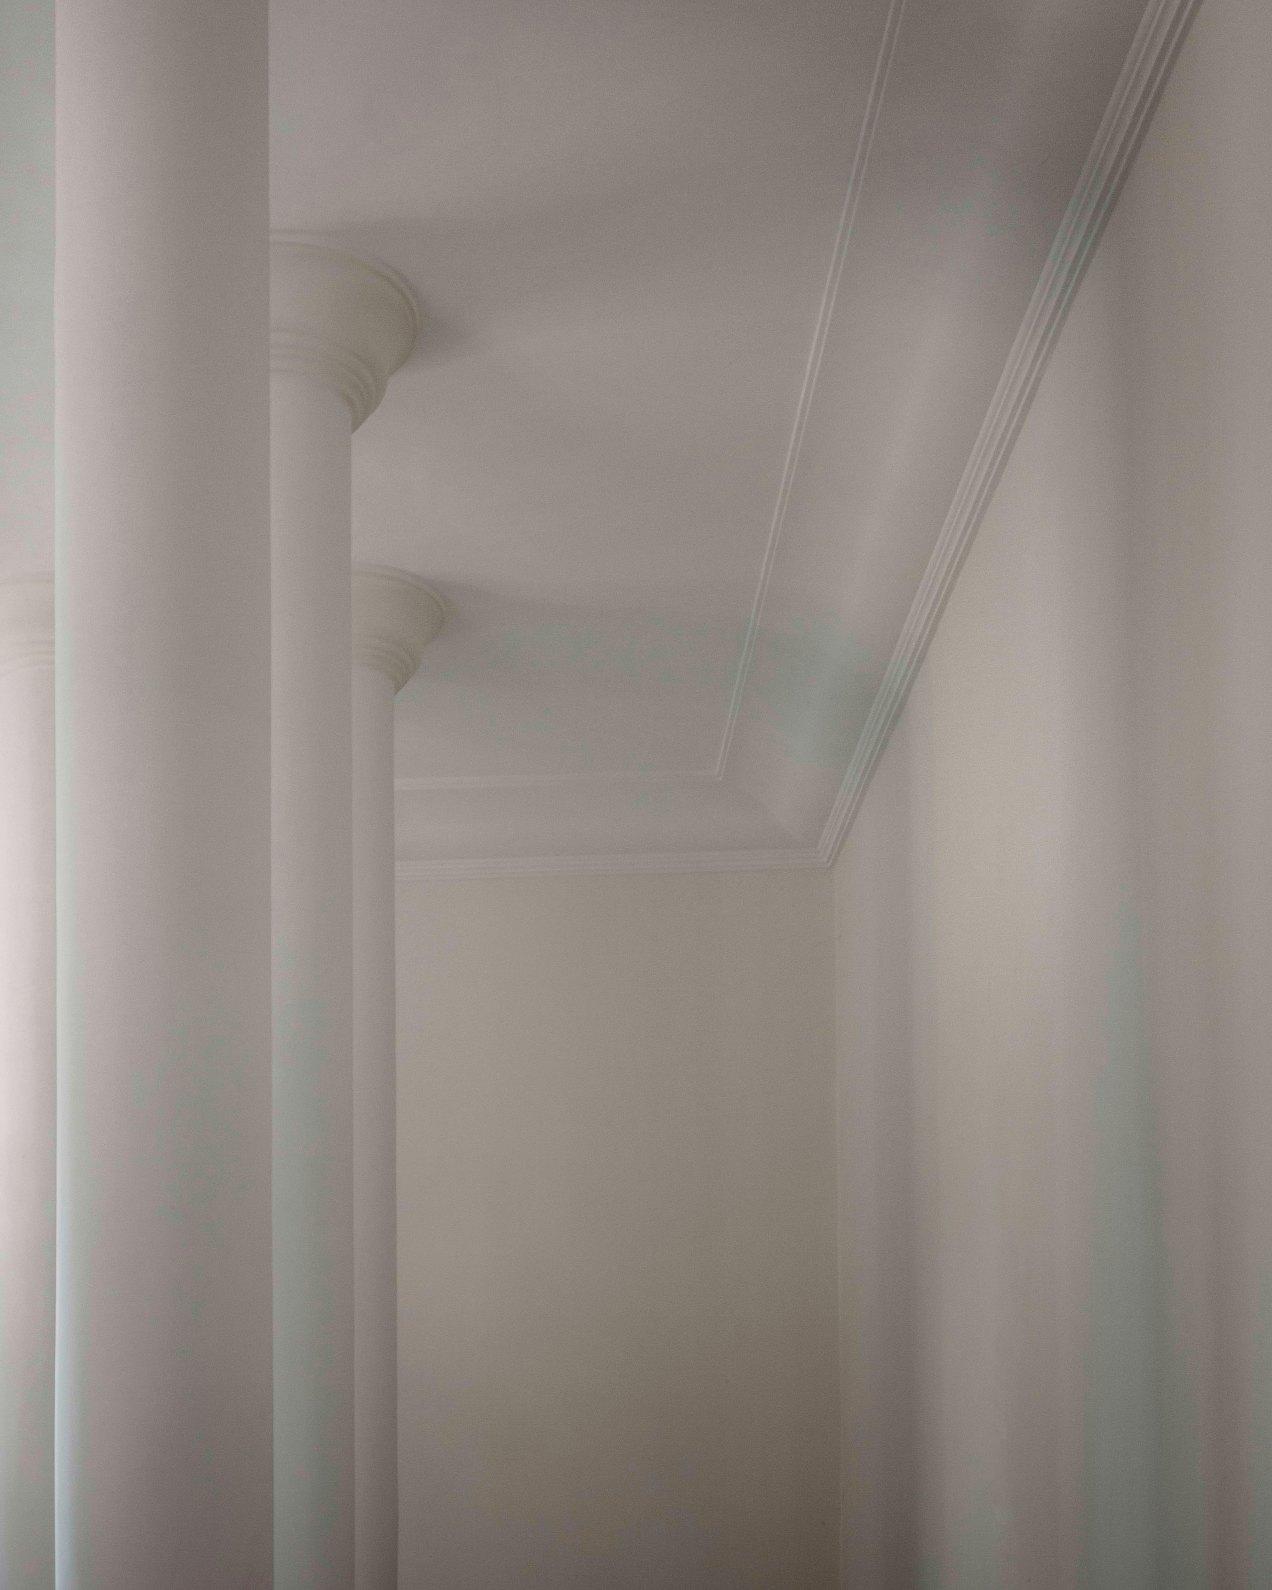 Le passage, Villa Domergue, Cannes, gildalliere,  2019